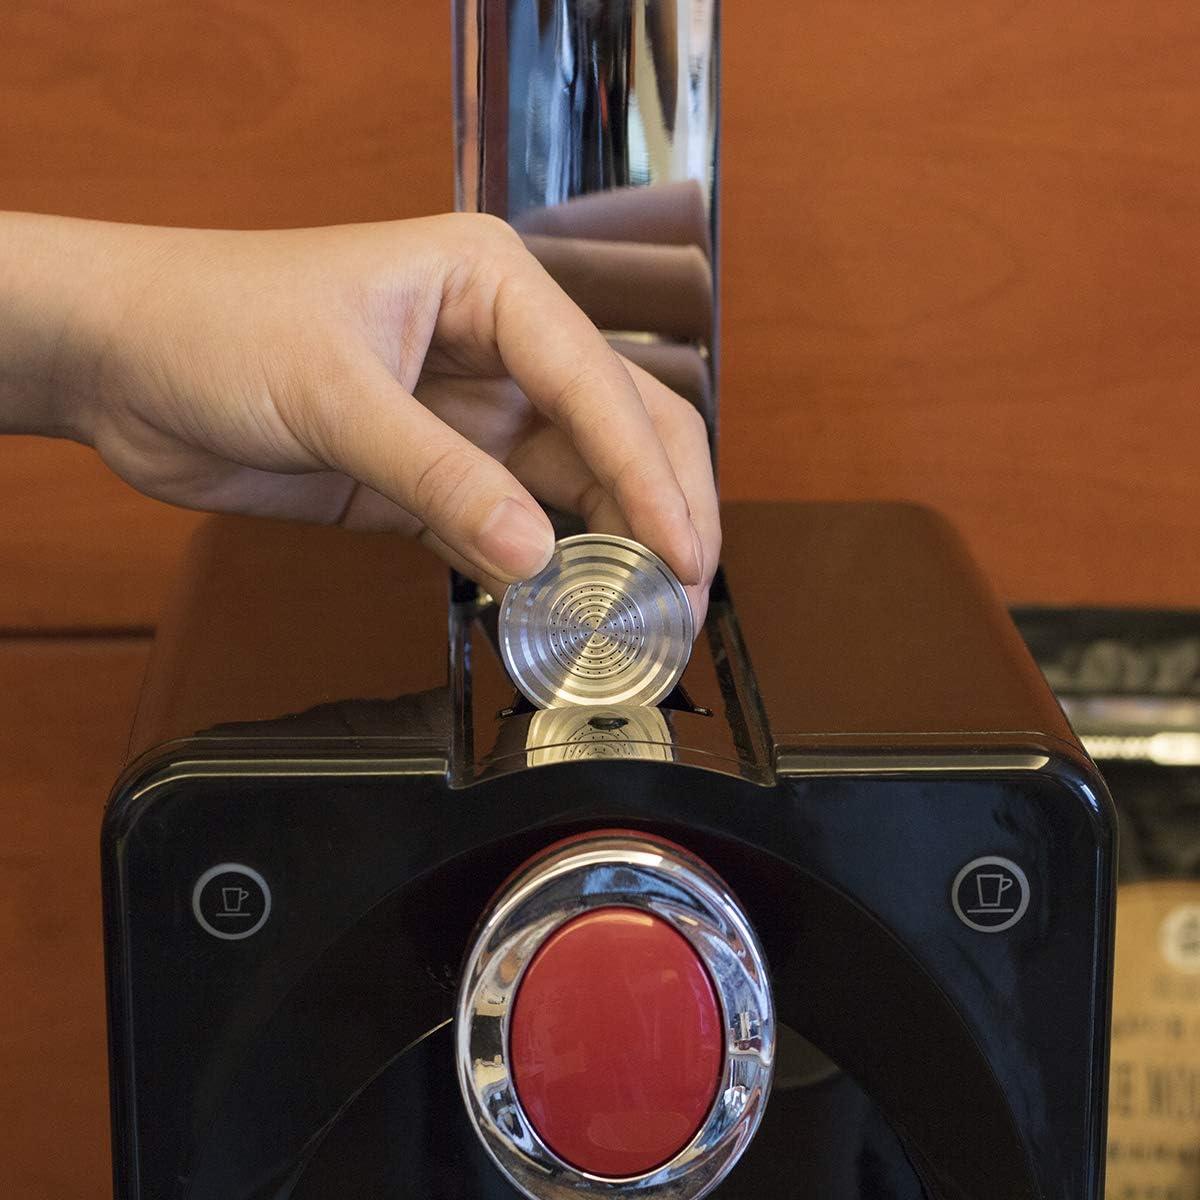 Junta T/órica Slicone Incluida Acero Inoxidable S/ólo Apoyo Compatibles Nespresso U//CitiZ-Cepillo C/ápsulas De Caf/é Reutilizables TiooDre F/ácil De Limpiar Capsula Recargable Cuchara